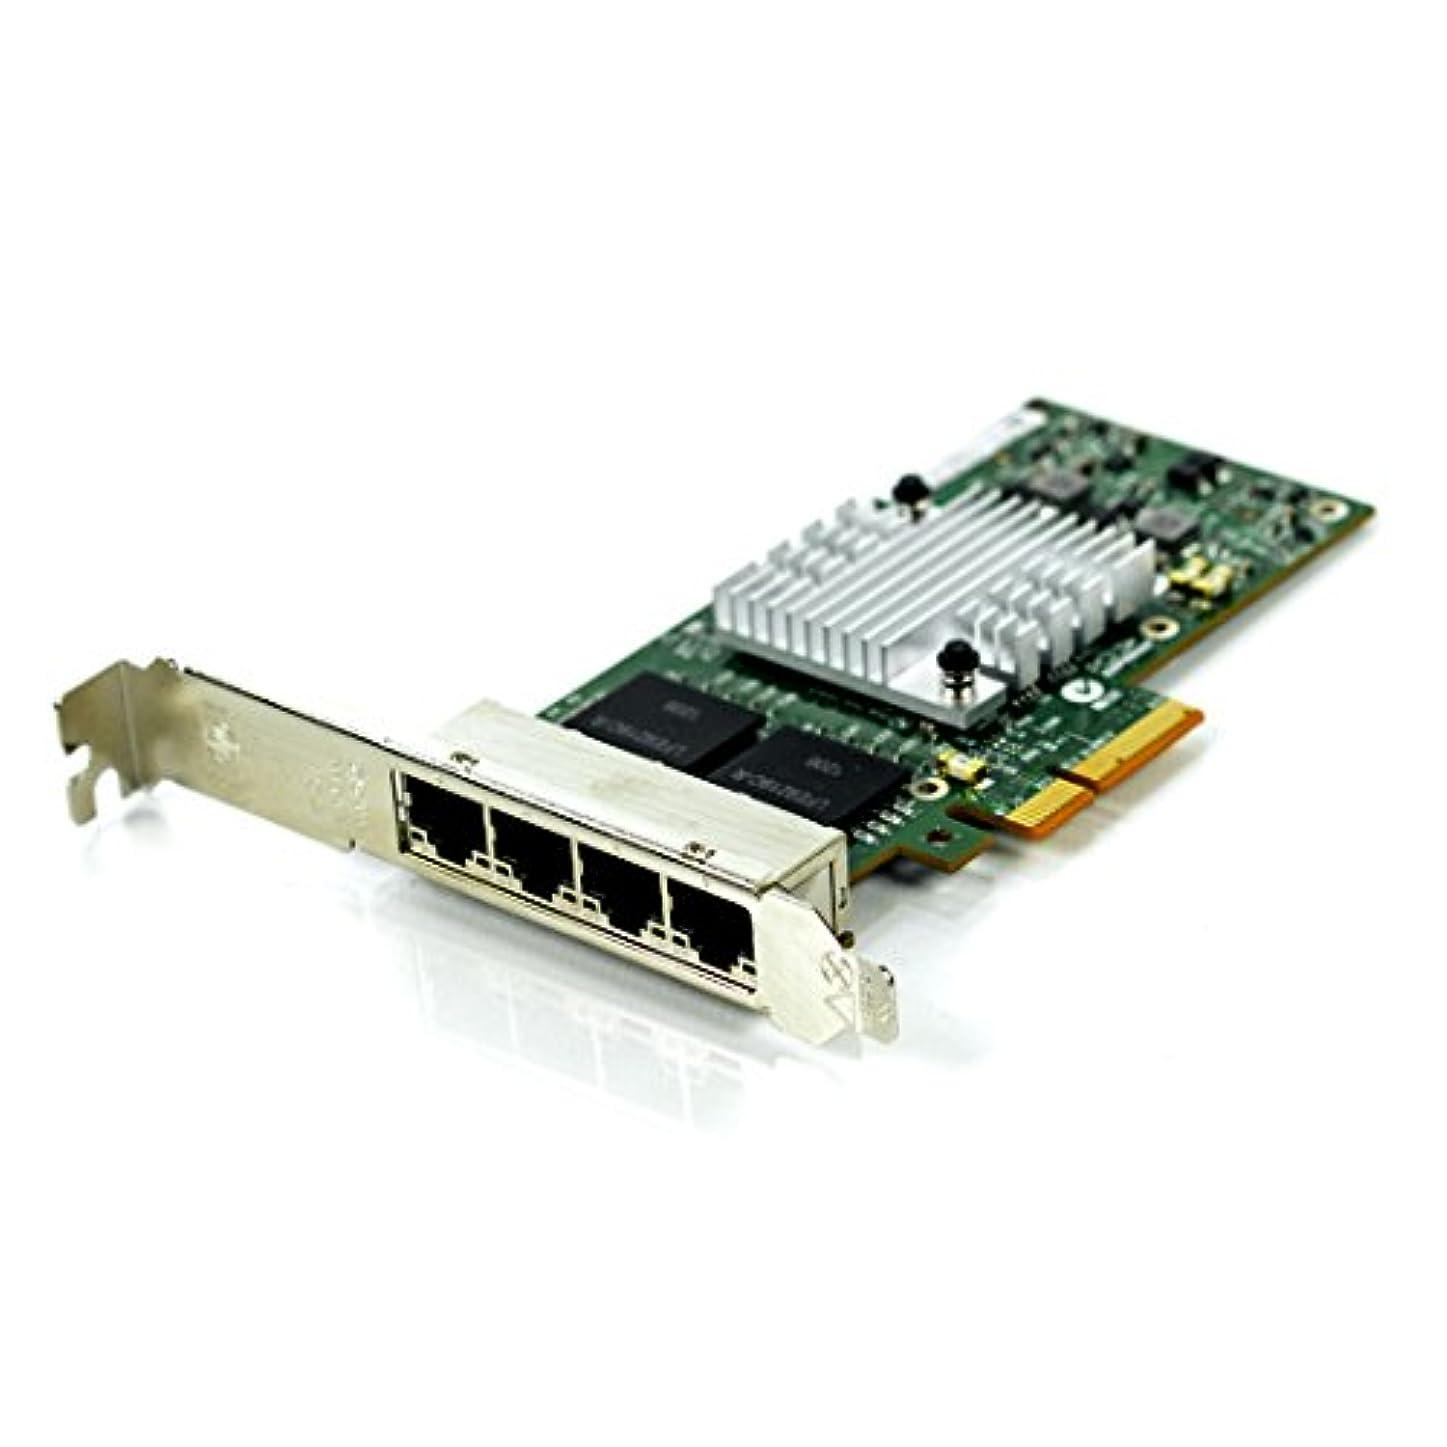 アノイ矛盾する三番HP NC365T 4ポートEthernetサーバーアダプタ 593722-B21 593743-001